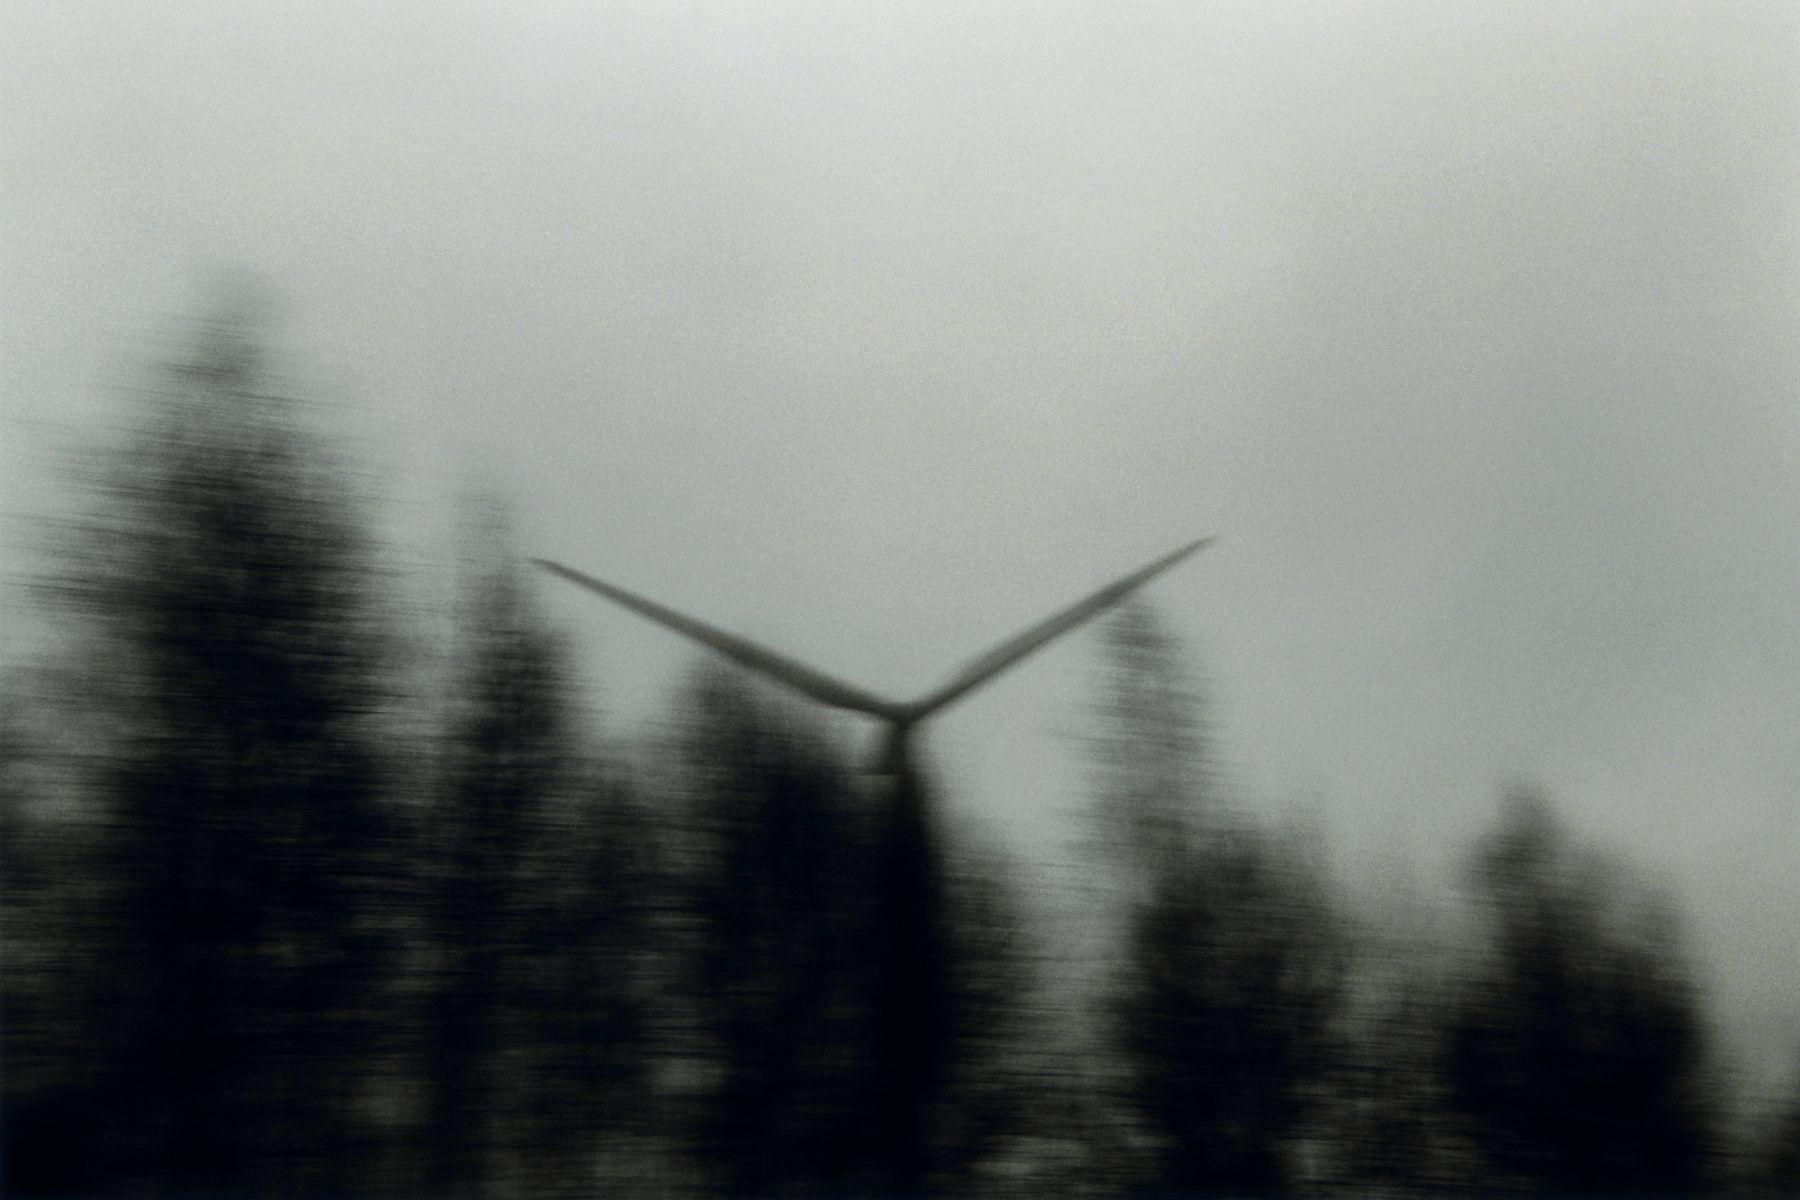 Windrad, 2003